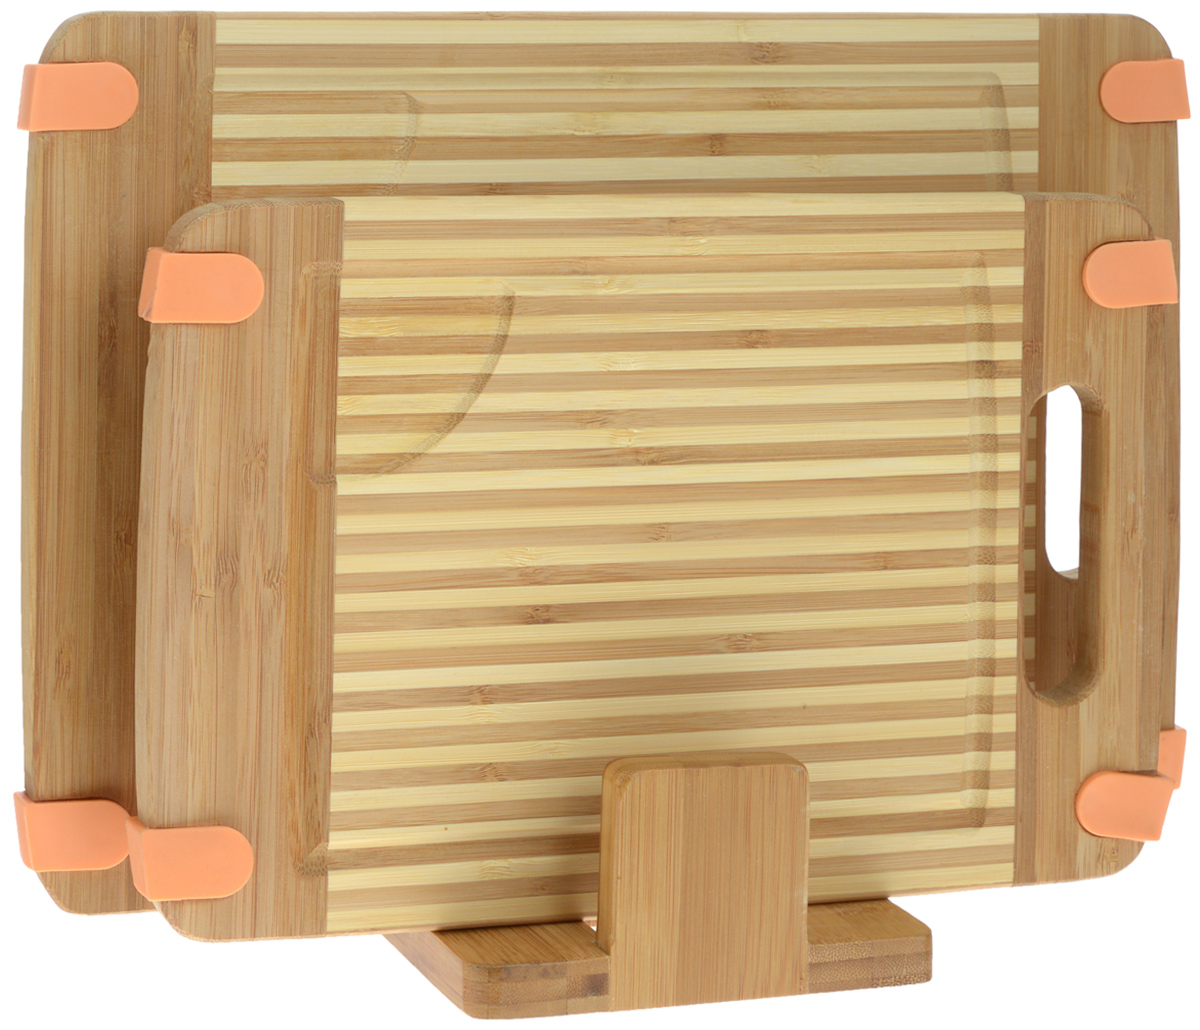 Набор разделочных досок Mayer & Boch, на подставке, 2 шт. 2259054 009312Набор Mayer & Boch состоит из двух прямоугольных разделочных досок и подставки. Изделия выполнены из экологически чистого бамбука. Бамбук является возобновляемым ресурсом, что делает его безопасным для использования. Не содержит красителей - перманентная краска не выцветает и не смывается. Бамбук впитывает влагу в маленьких количествах и обладает естественными антибактериальными свойствами. Доски отлично подходят для приготовления и измельчения пищи, а также для сервировки стола. Специальные силиконовые накладки предотвращают скольжение. Доски снабжены ручкой для комфортного использования, а также выемками по краю для стока жидкости. Такой набор станет практичным и полезным приобретением для вашей кухни. Размер досок: 35 х 25 х 1,6 см; 30 х 20 х 1,6 см. Размер подставки: 15 х 13 х 6 см.